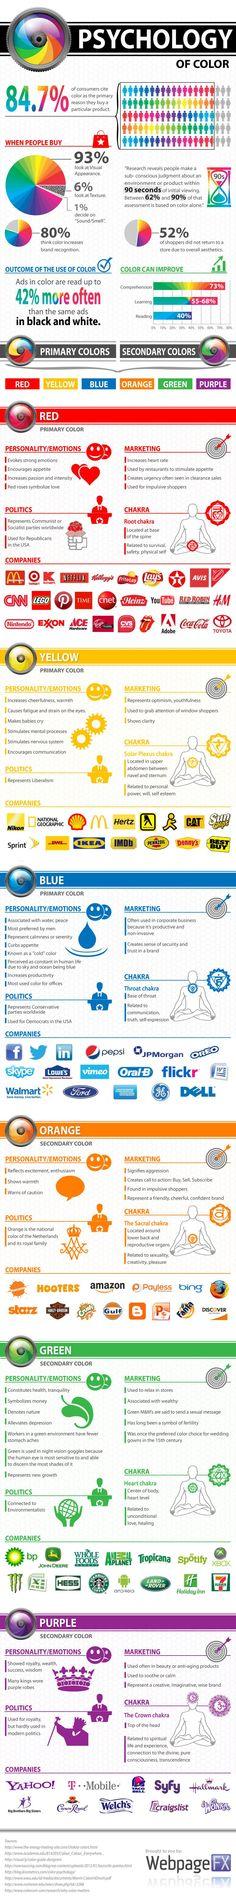 La psicología del color cumple un papel fundamental en el diseño de logos, empaques y piezas de comunicación. Cada uno tiene diferente asociación.